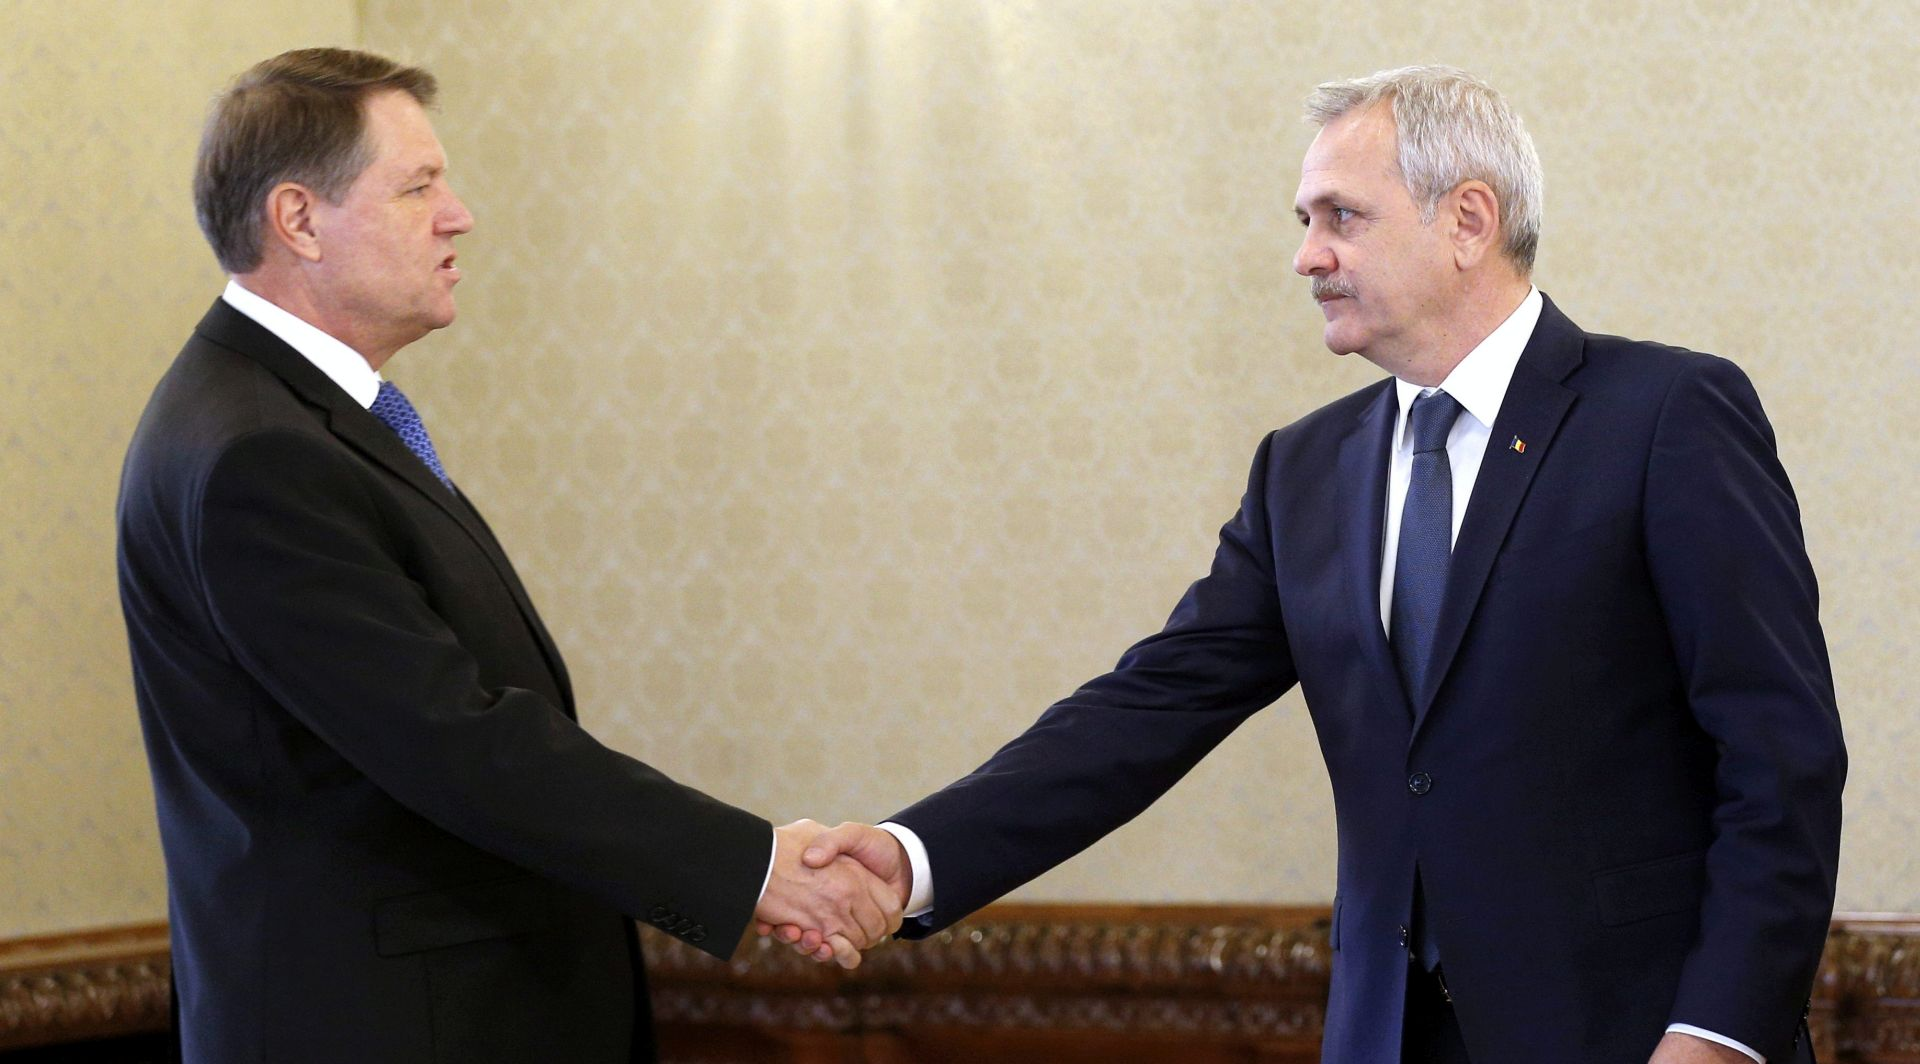 Rumunjski predsjednik ne želi muslimanku za premijerku, odbio joj kandidaturu